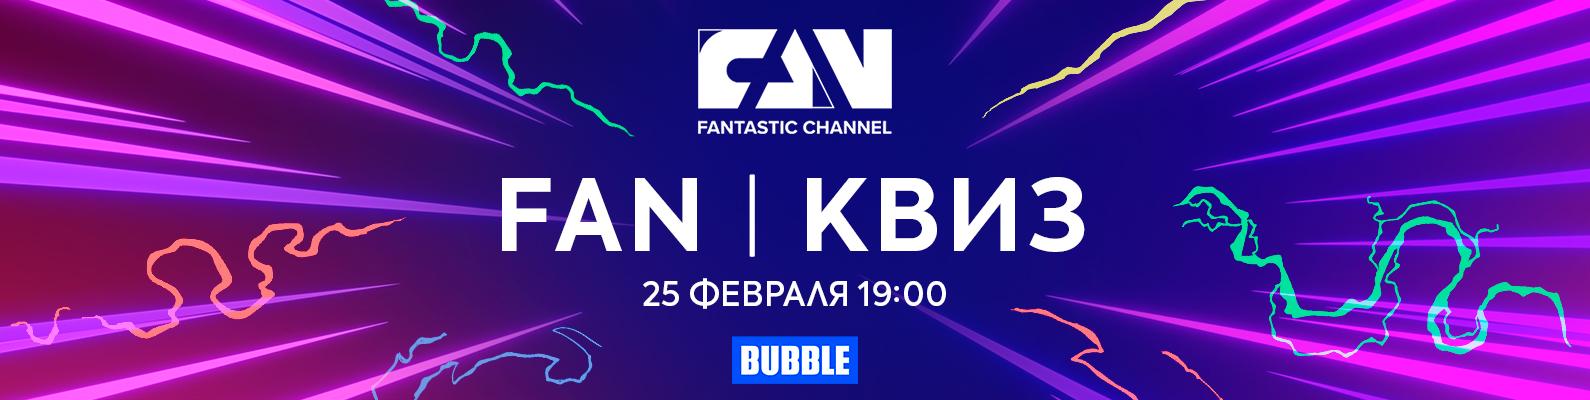 Киноканал FAN объявляет старт 2-го сезона онлайн-игр #FANКВИЗ